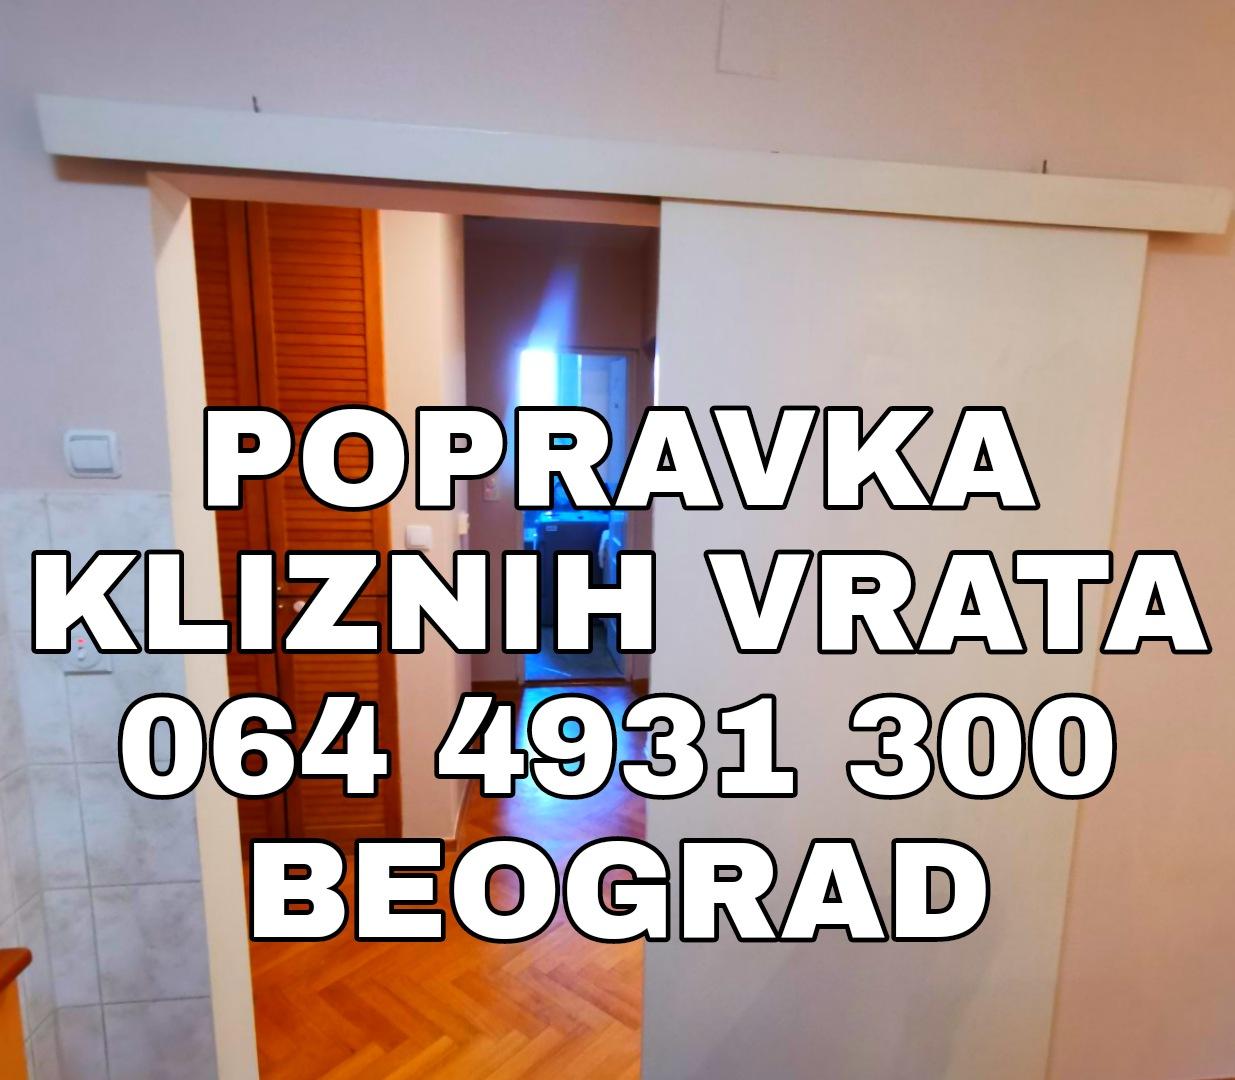 picsart 11 23 08 52 16